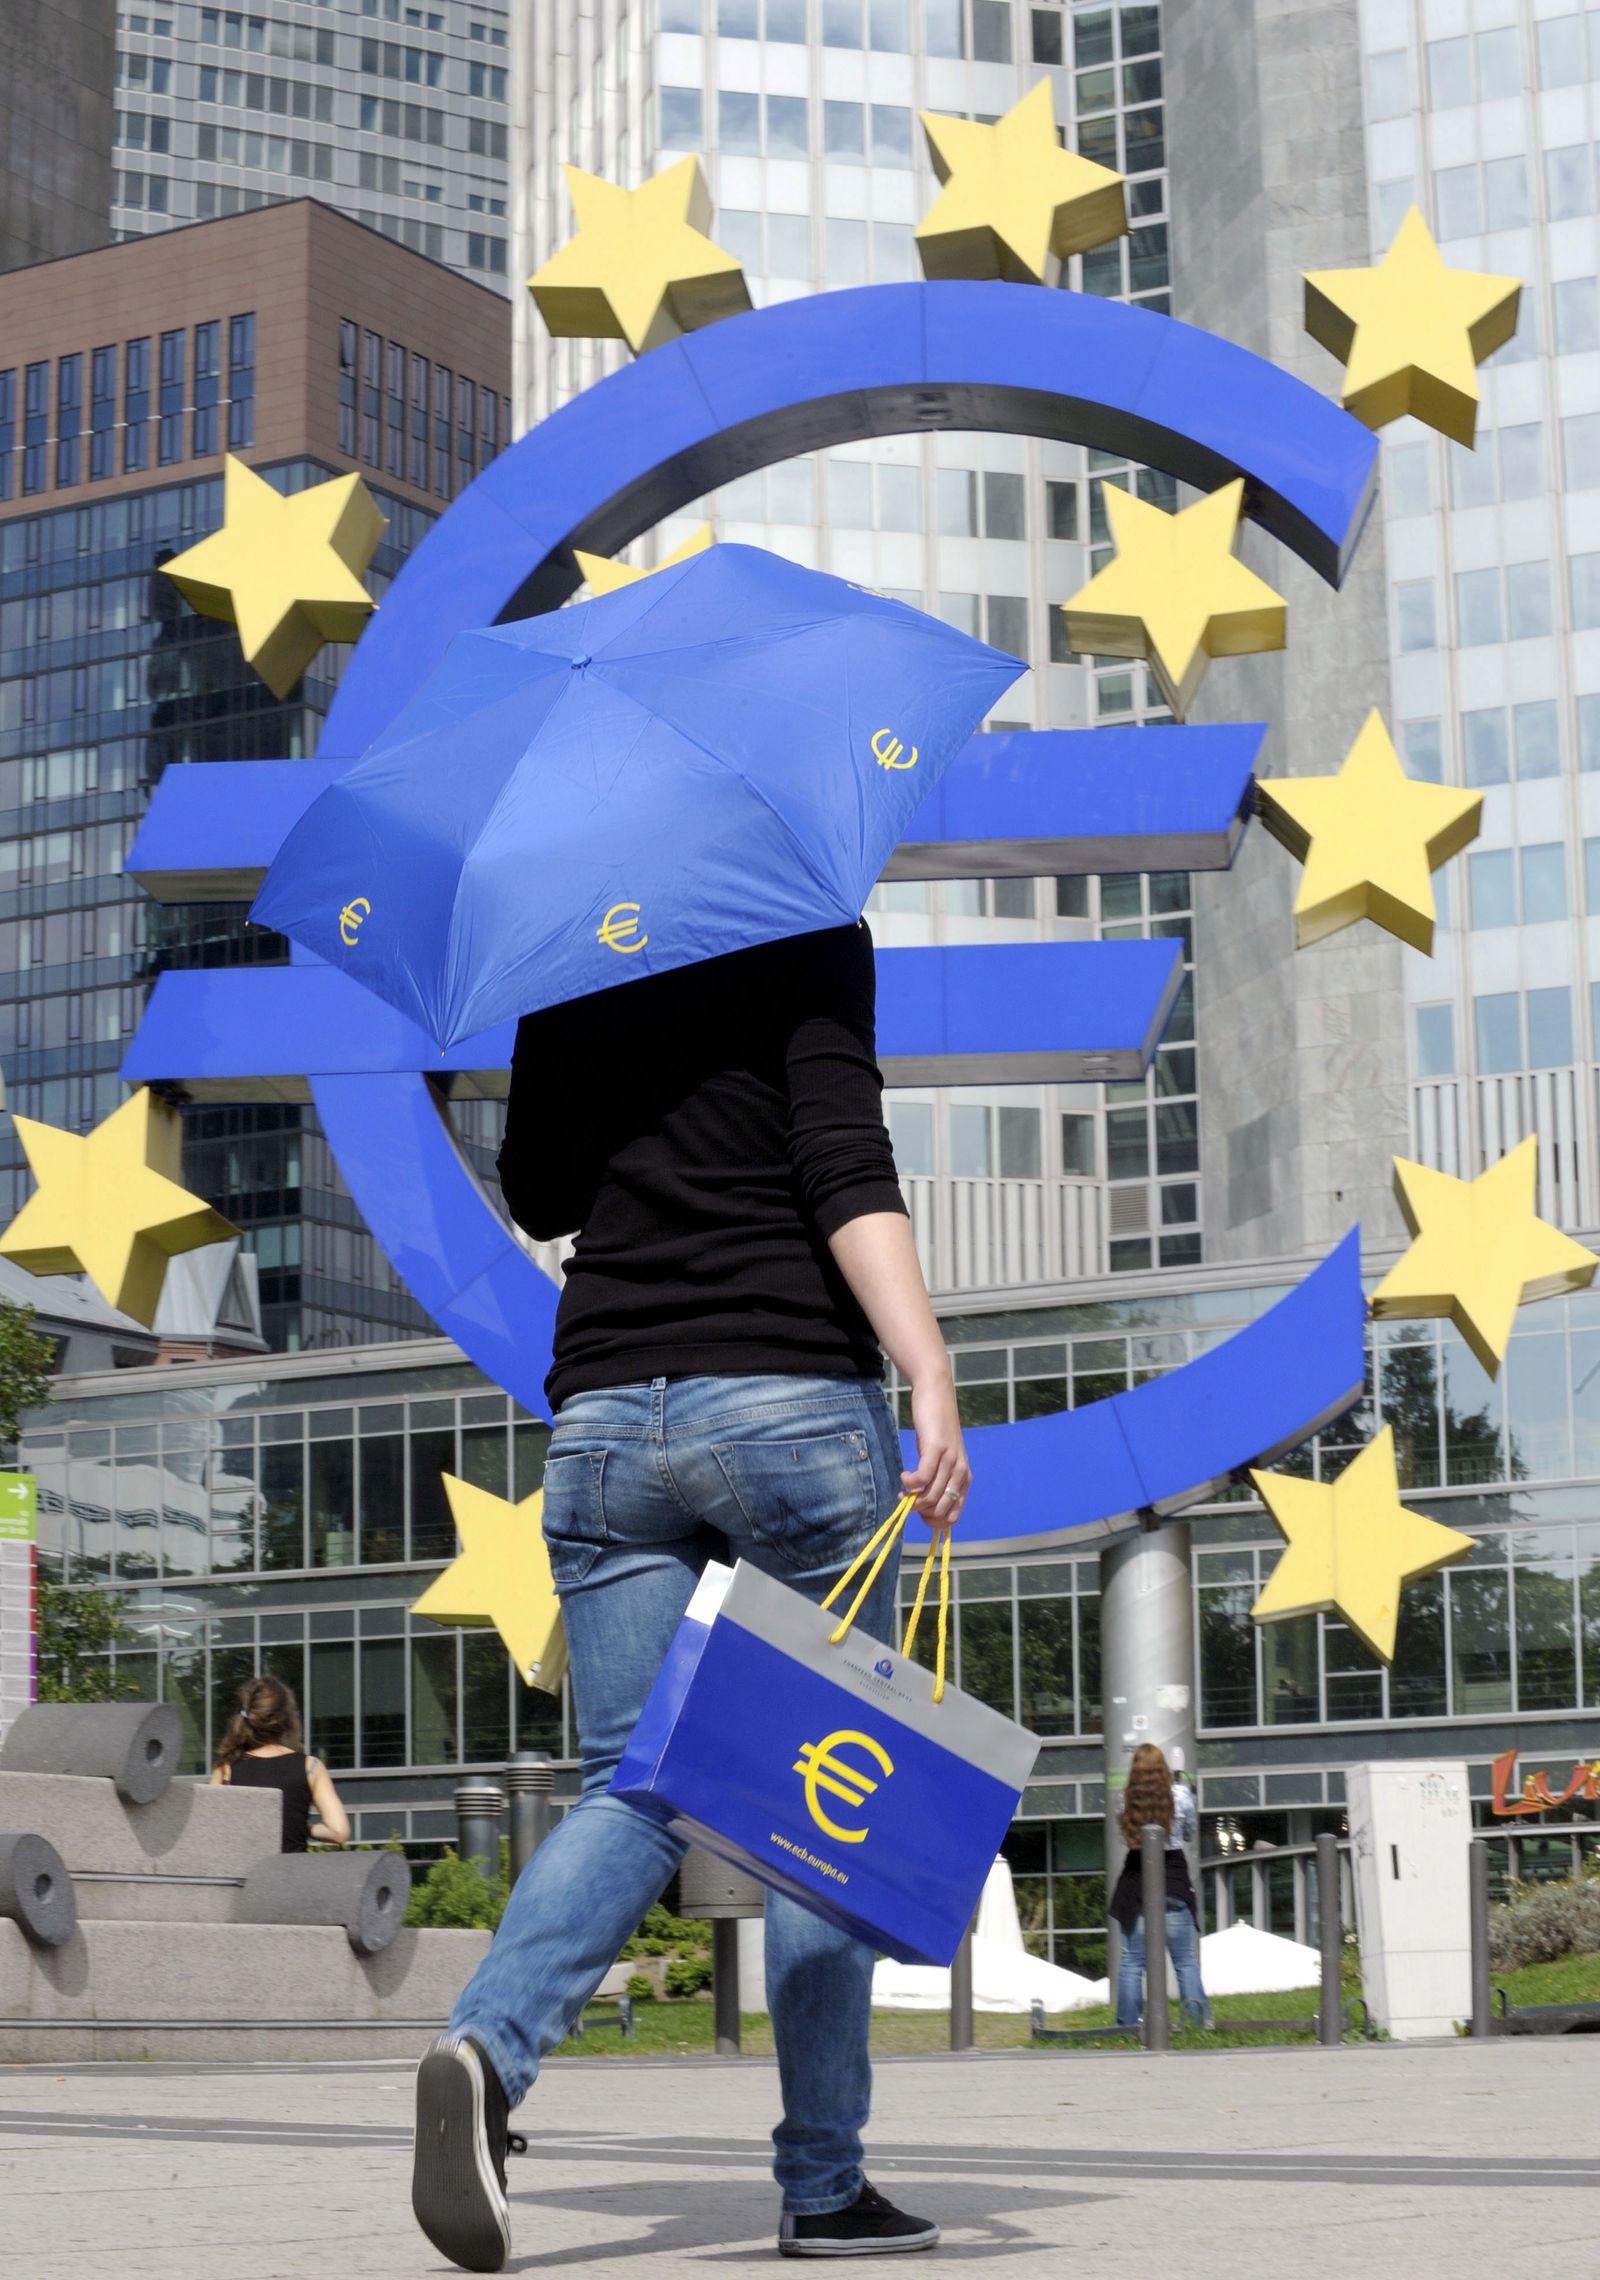 NICHT VERWENDEN Finanzkrise / EZB / Euro-Schirm